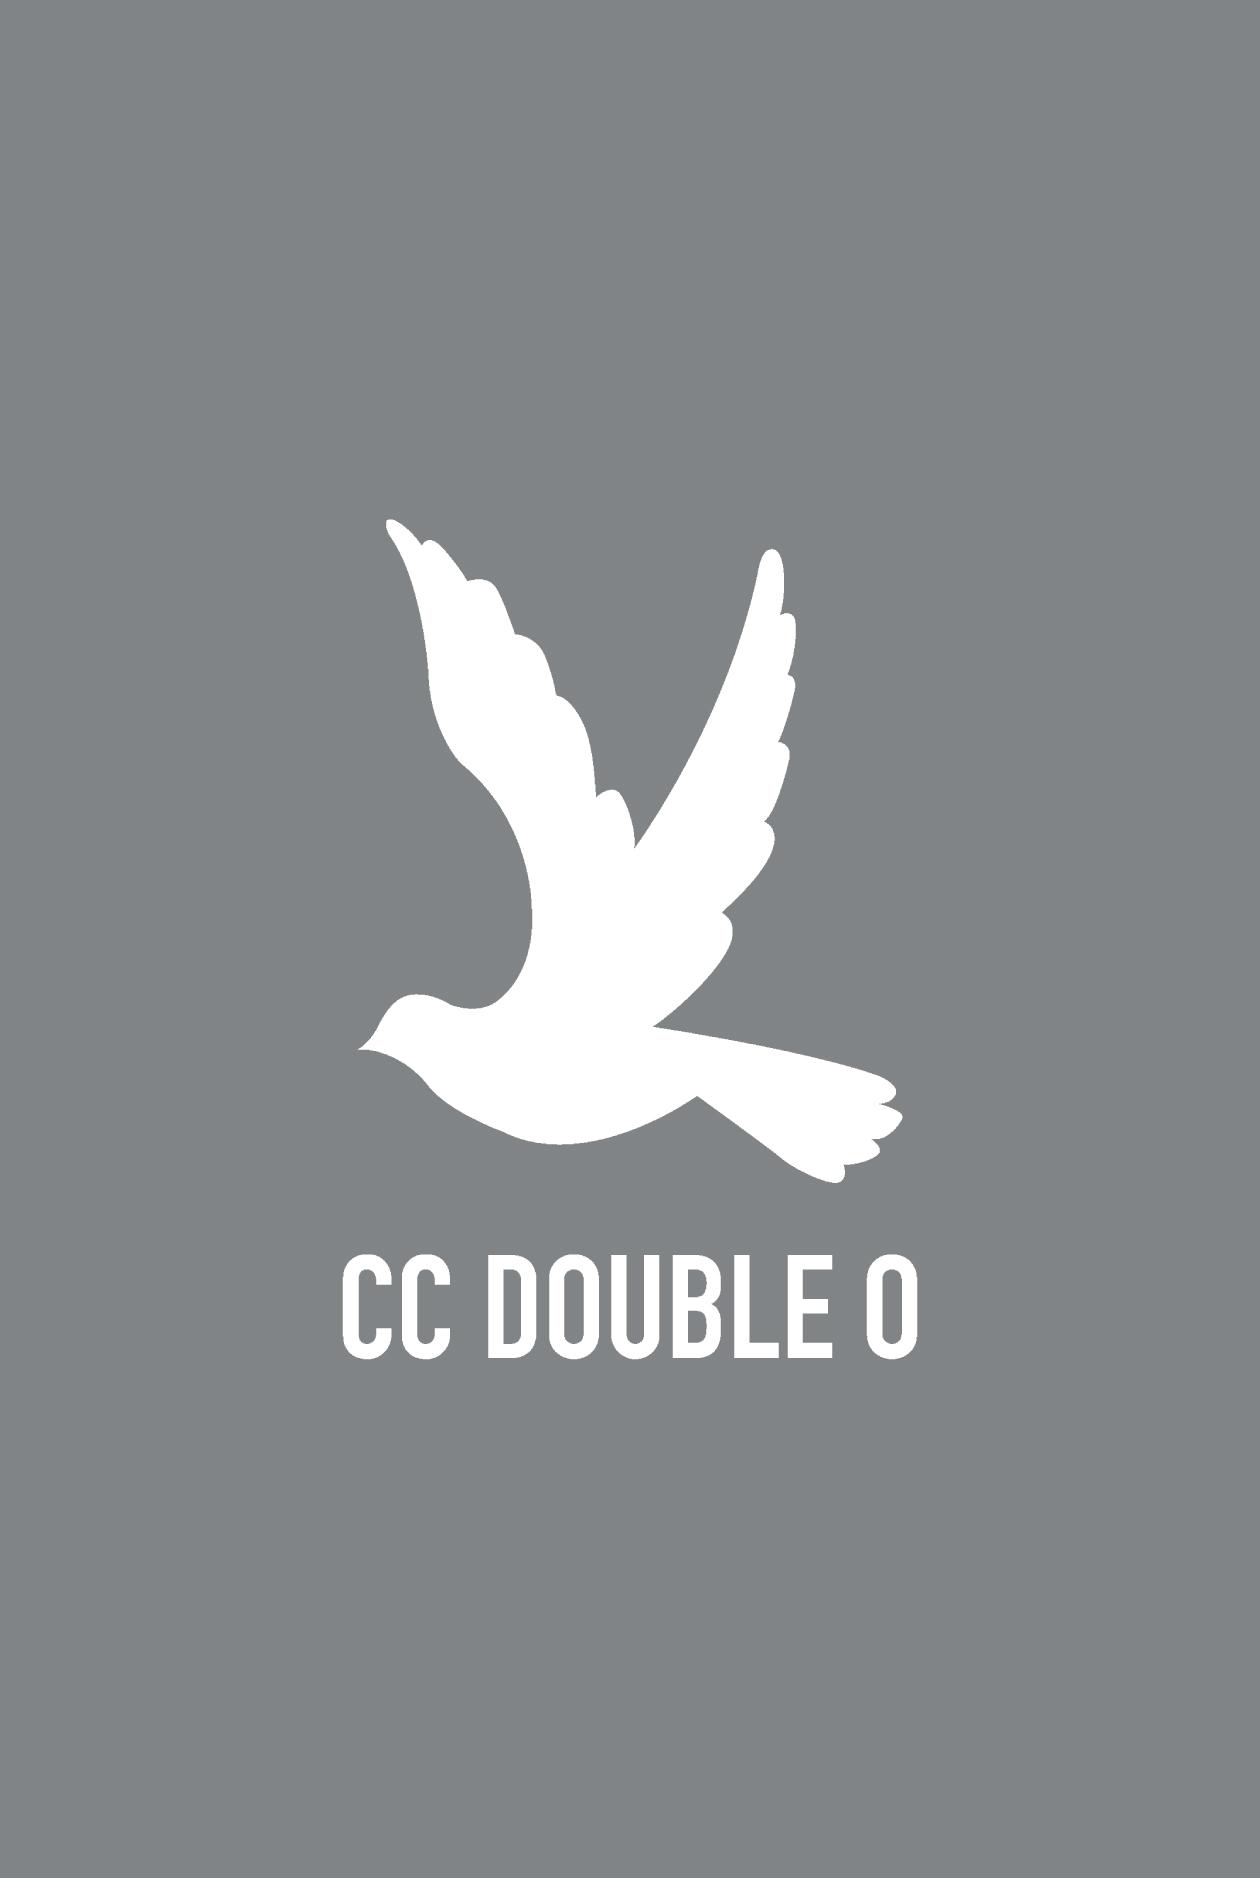 Polka Dot Bird Logo Tee in White